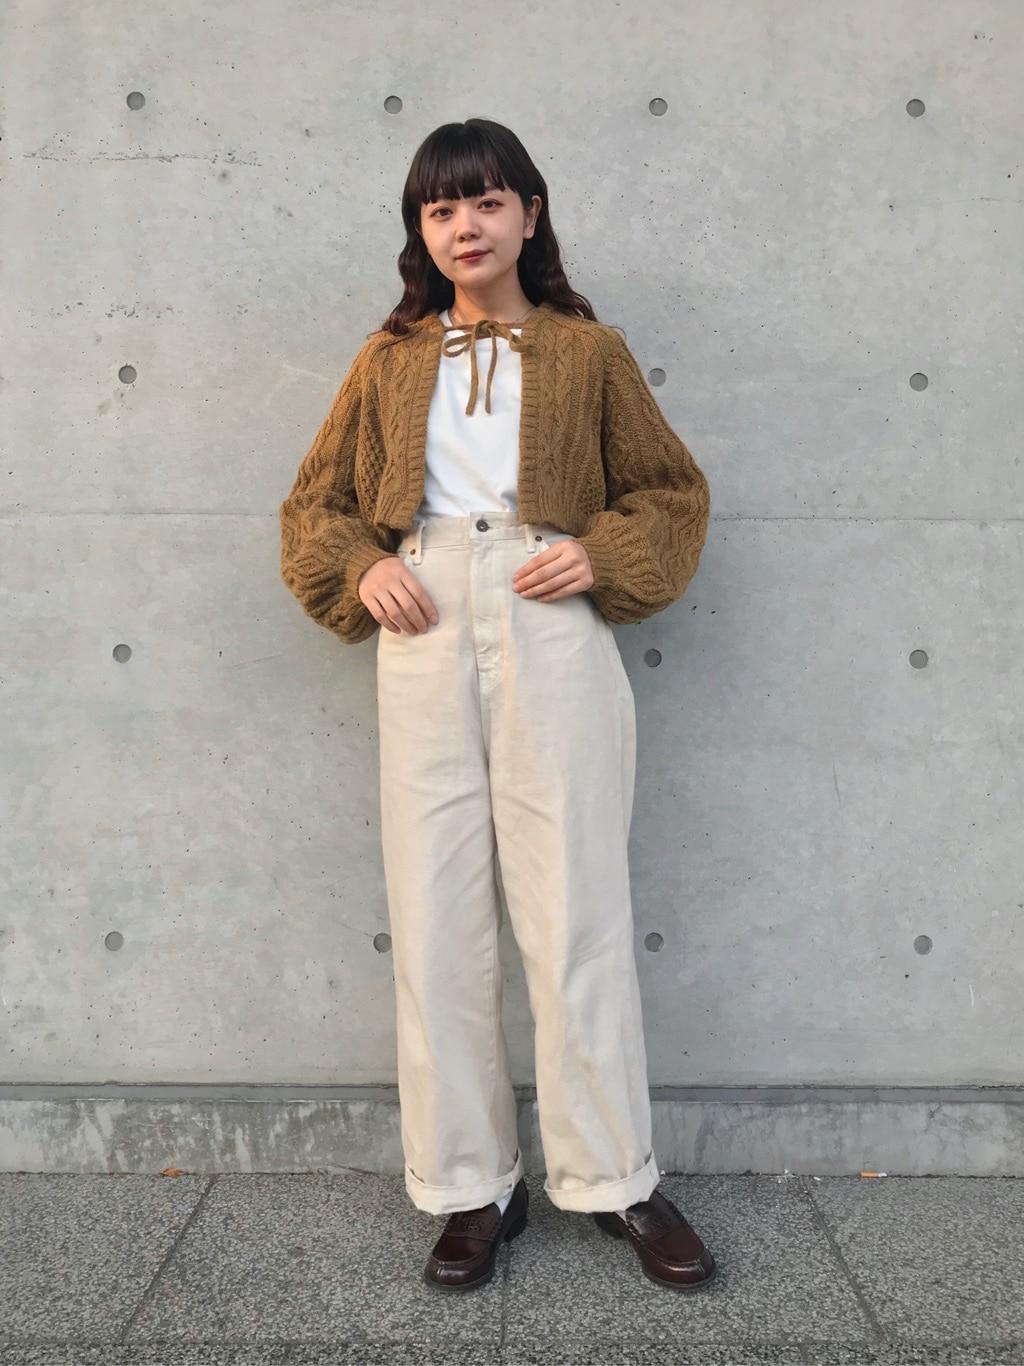 l'atelier du savon 東京スカイツリータウン・ソラマチ 身長:154cm 2020.10.17